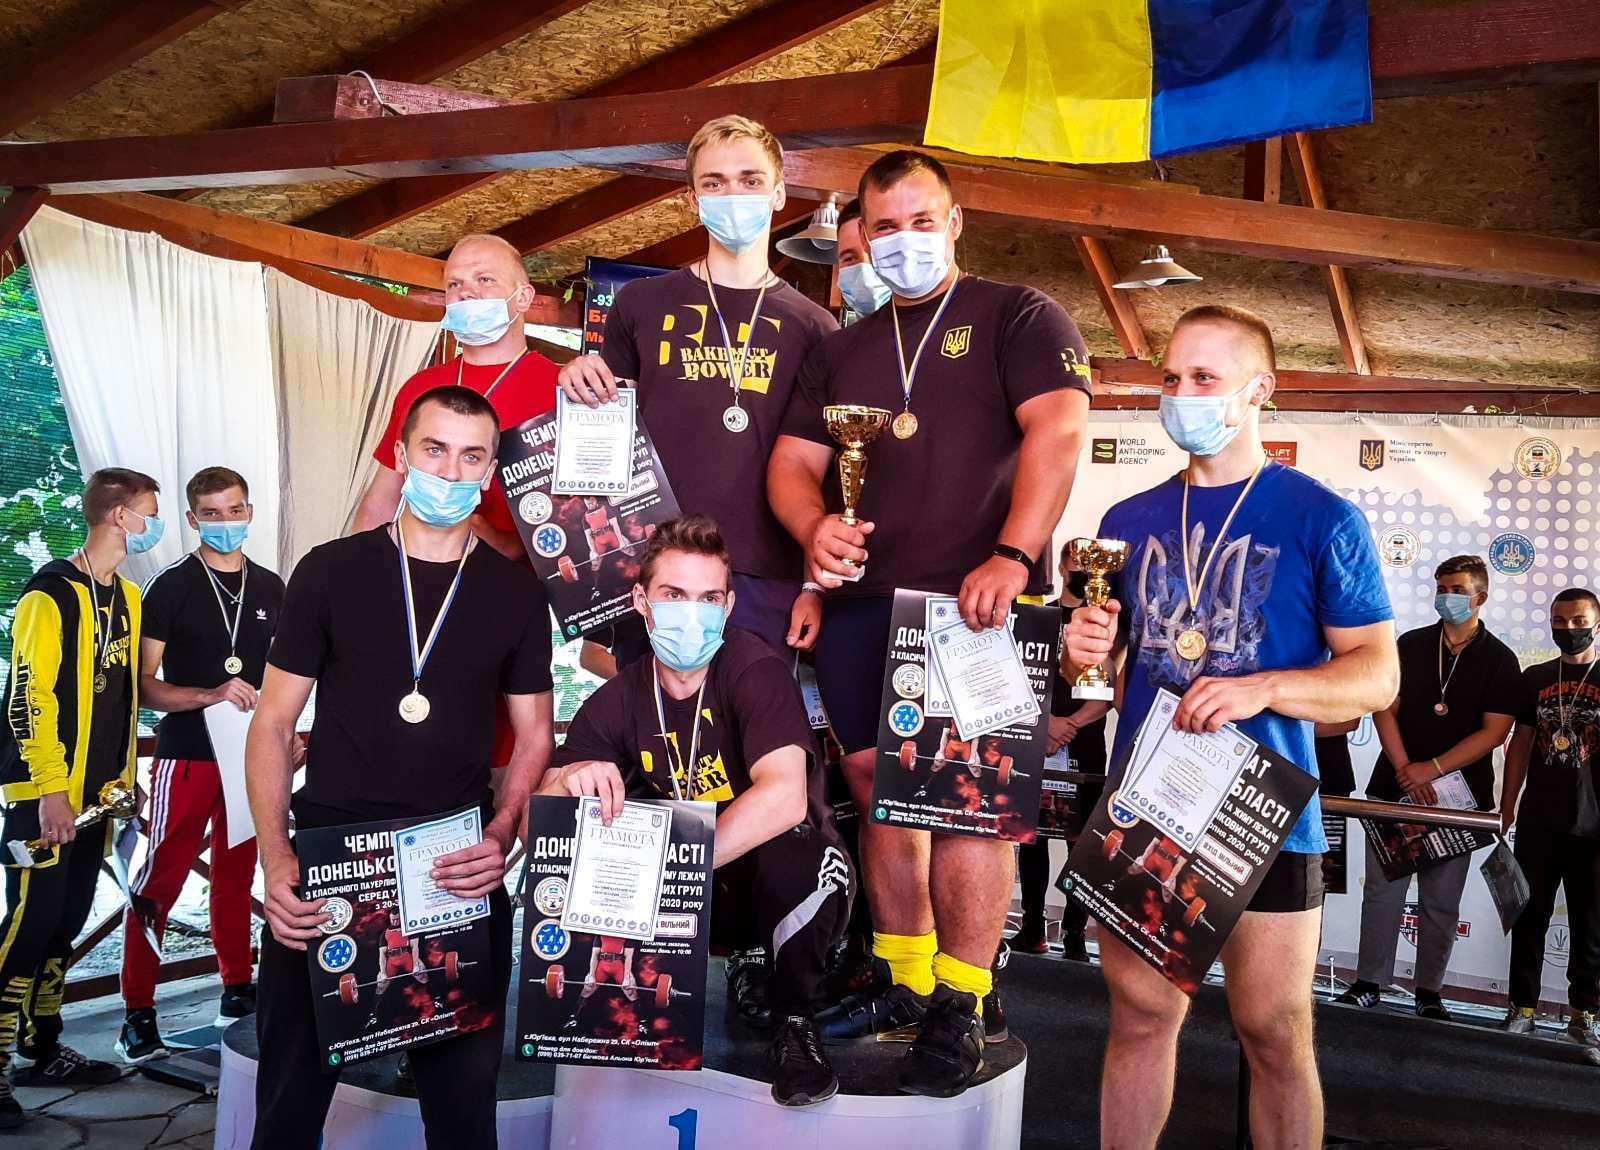 спортсмены-пауэрлифтеры на Донецком обласном чемпионате в Юрьевке